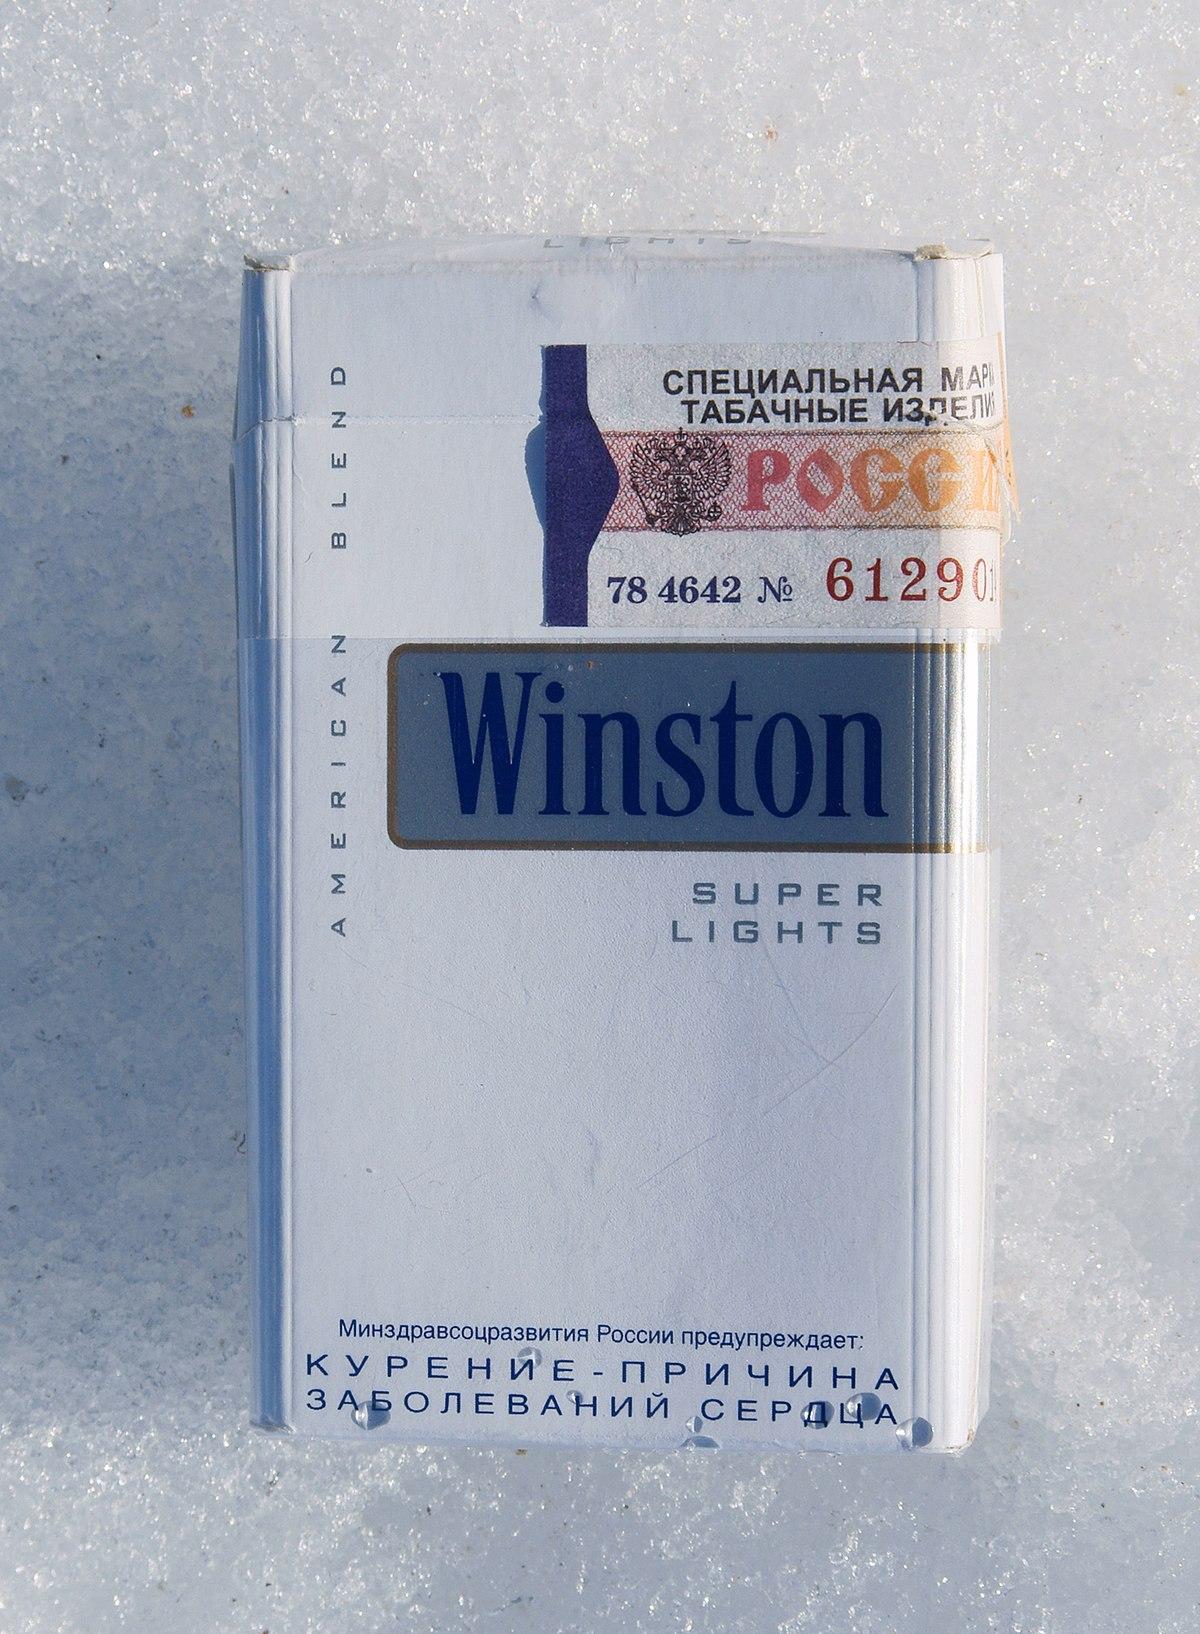 Winston (sigarette) - Wikipedia